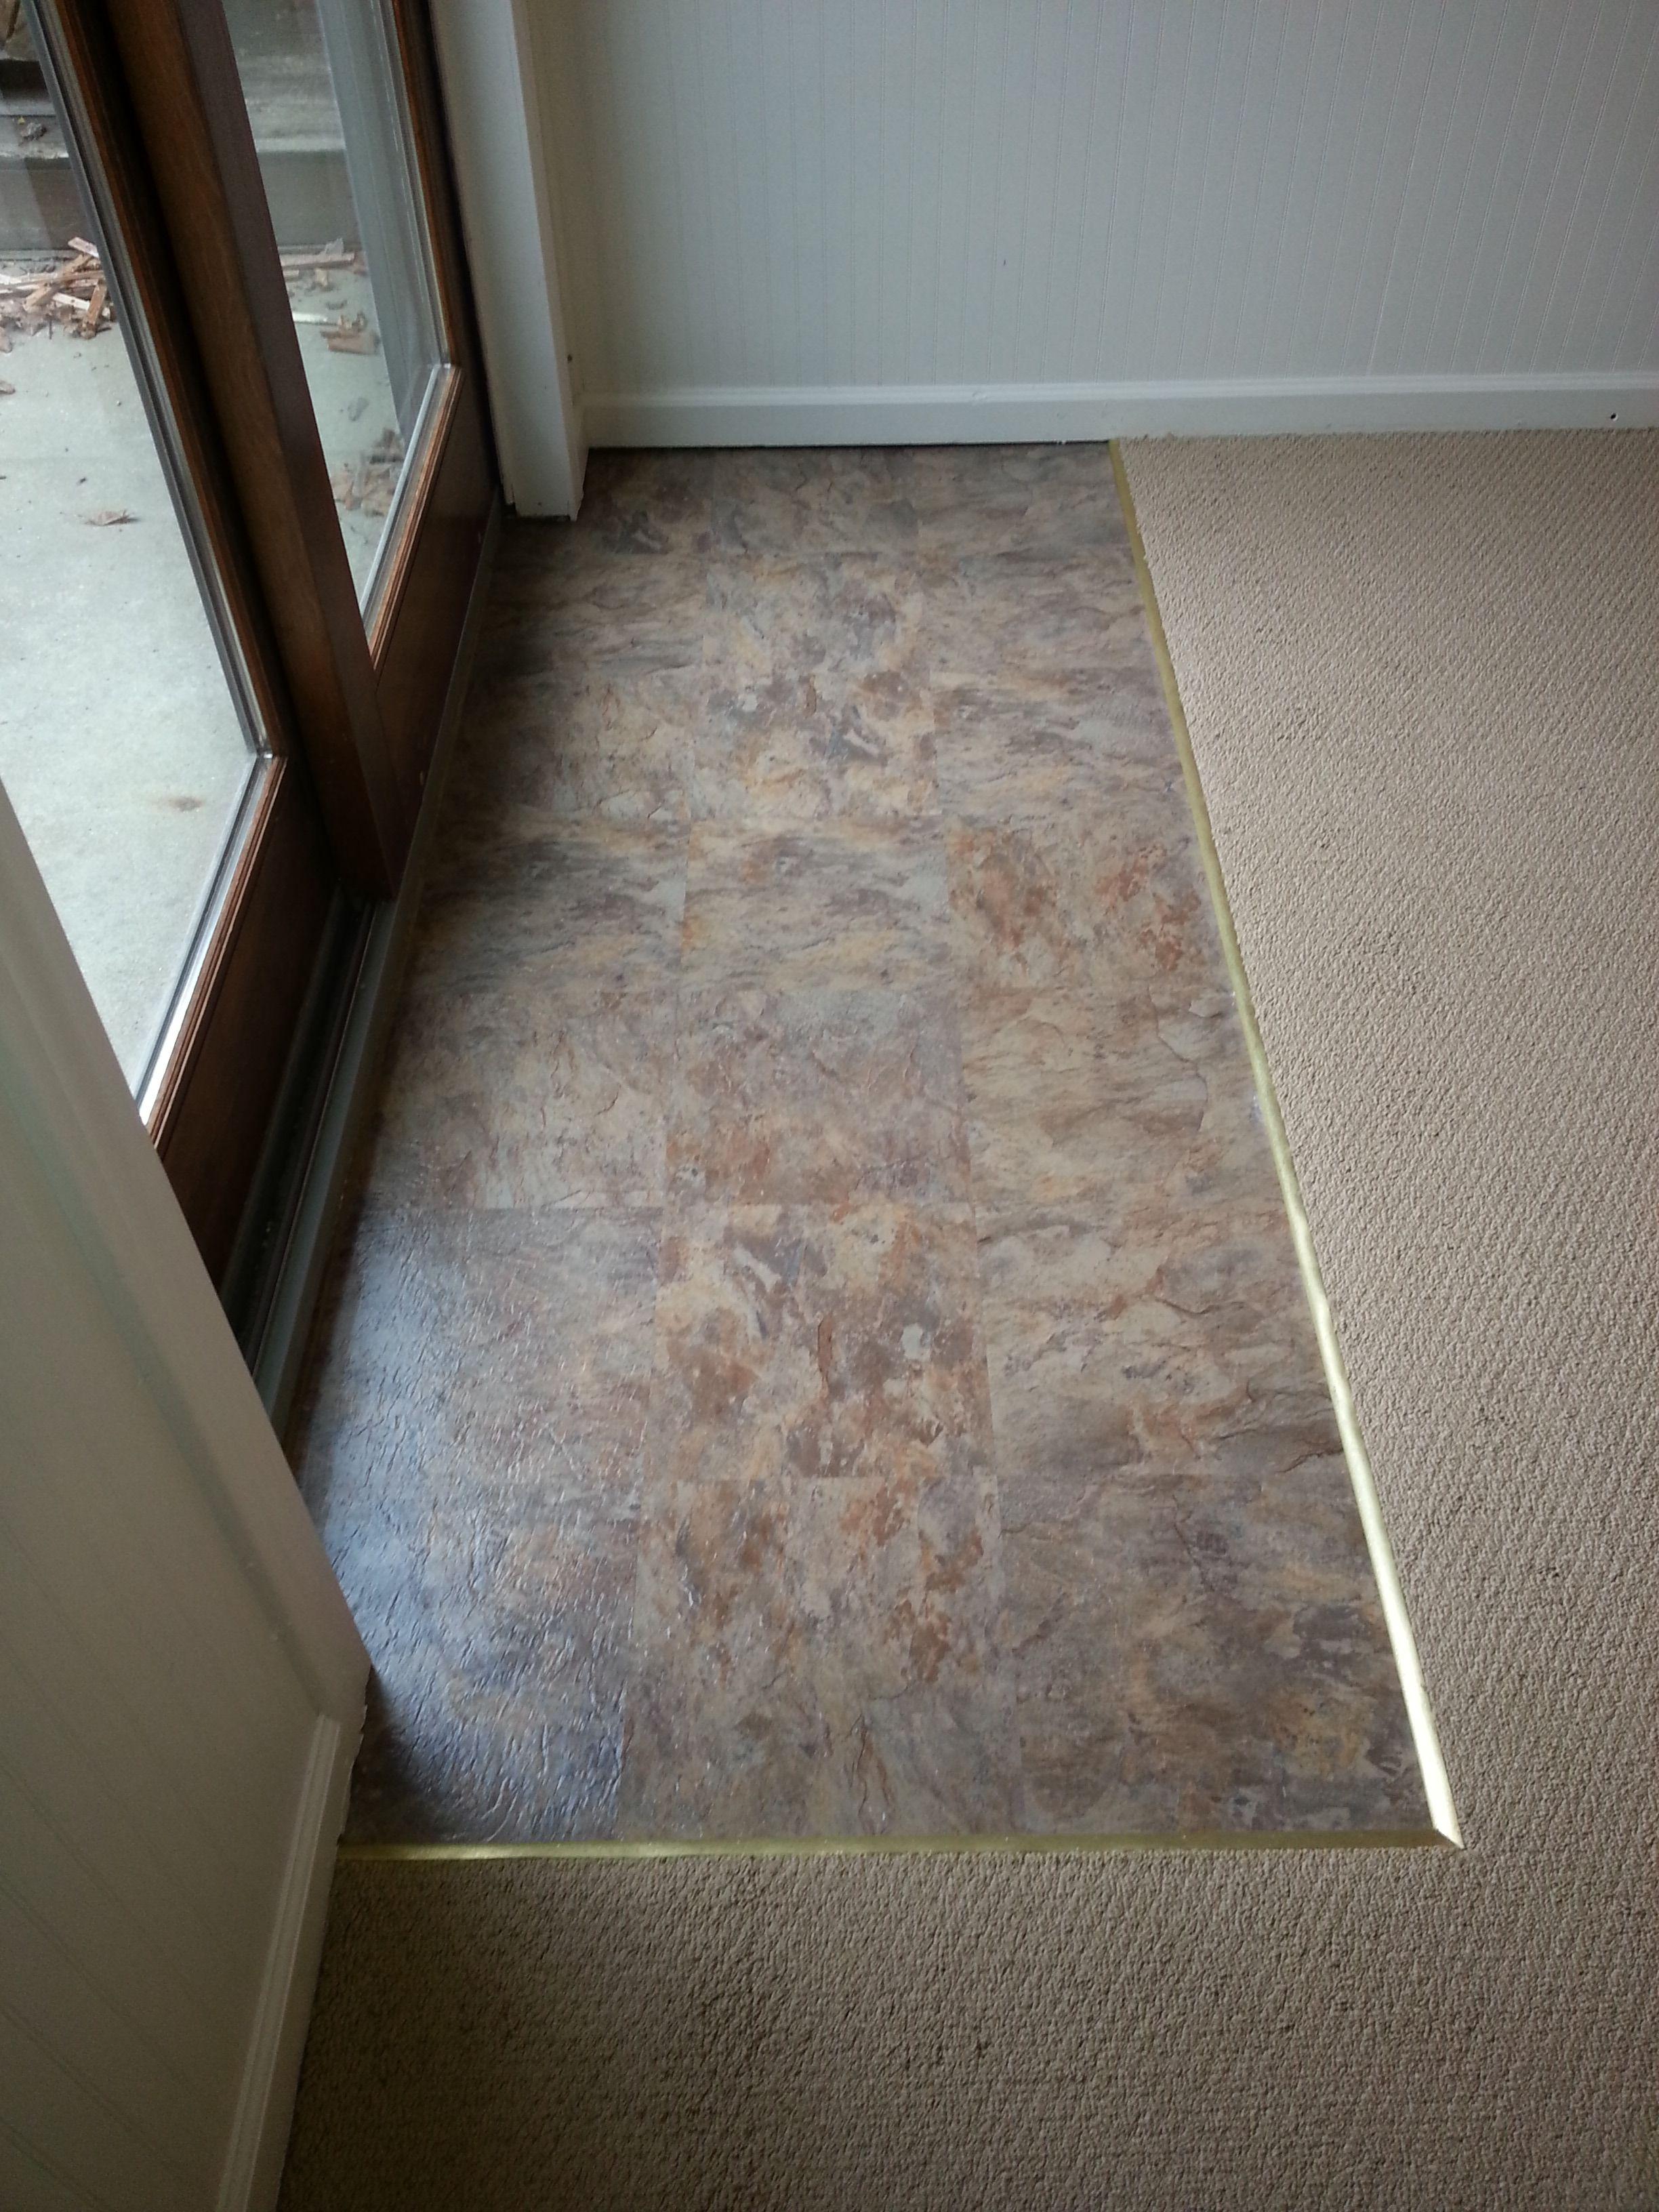 Tile Through Doorway & Standard Door Widths ten Make It Difficult